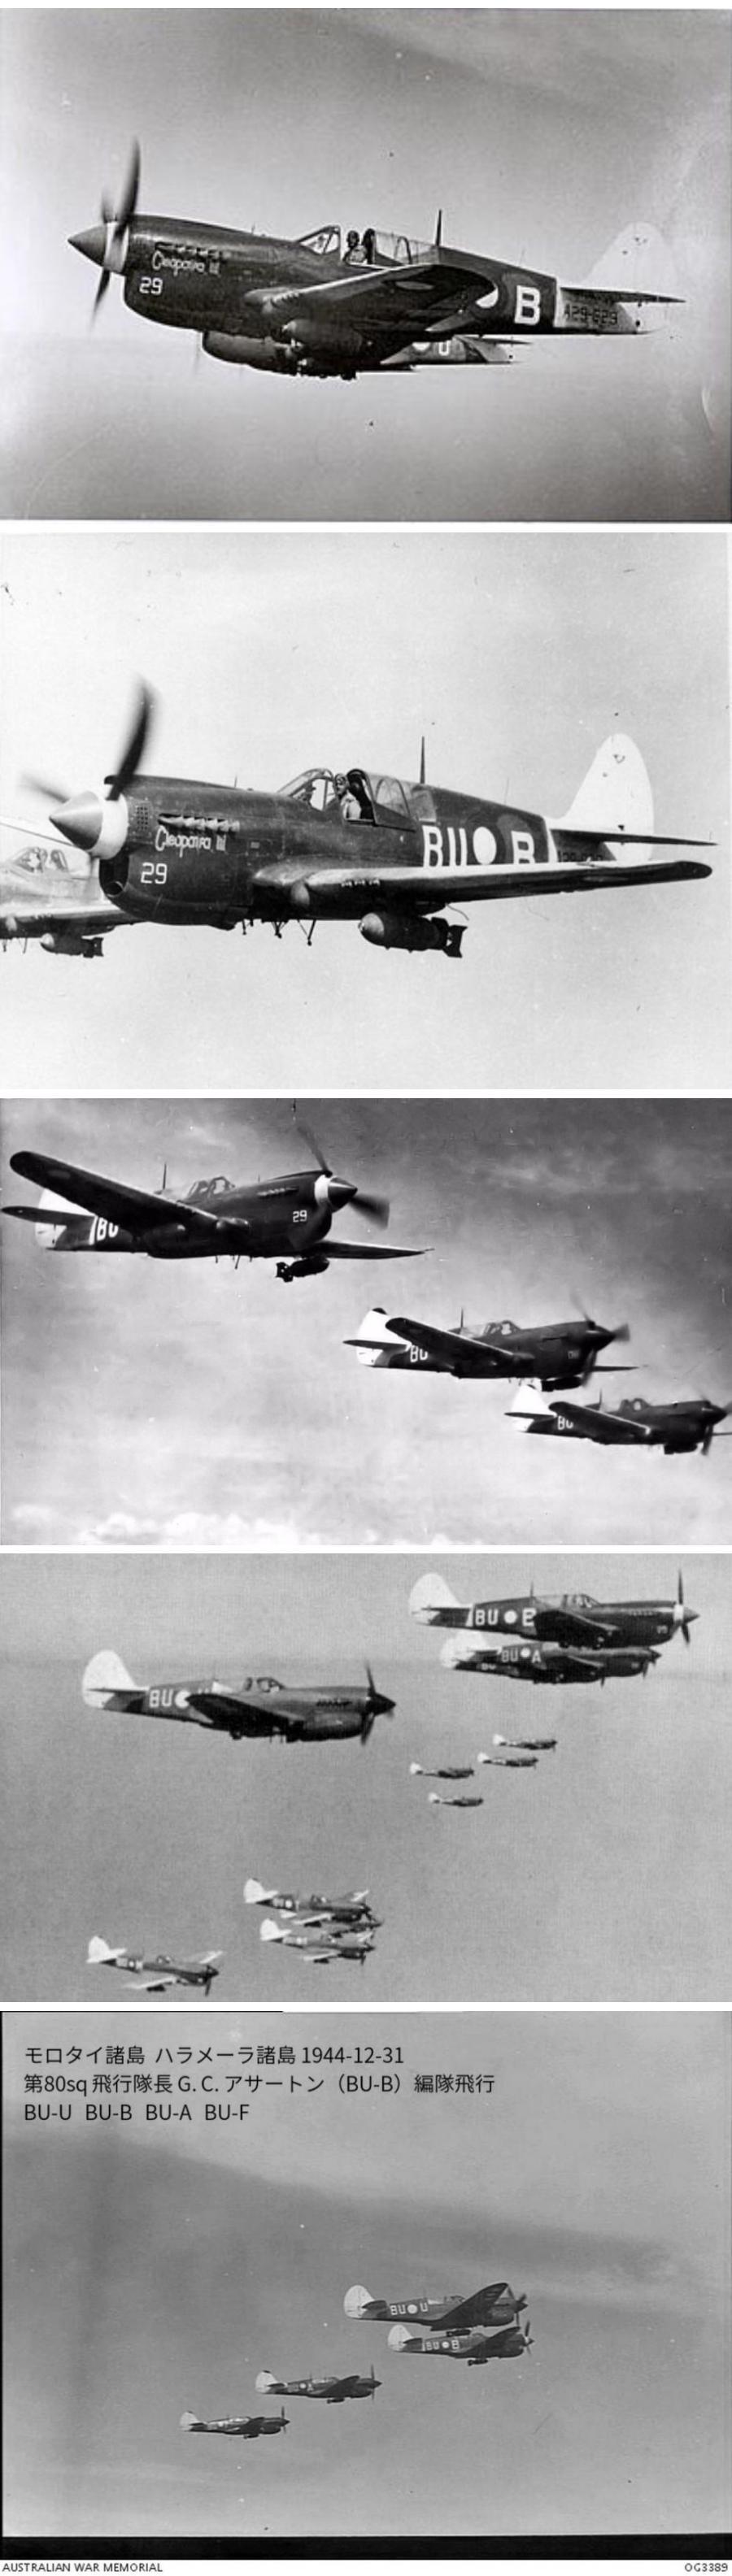 1/48ITALERI P-40 A29-629(2